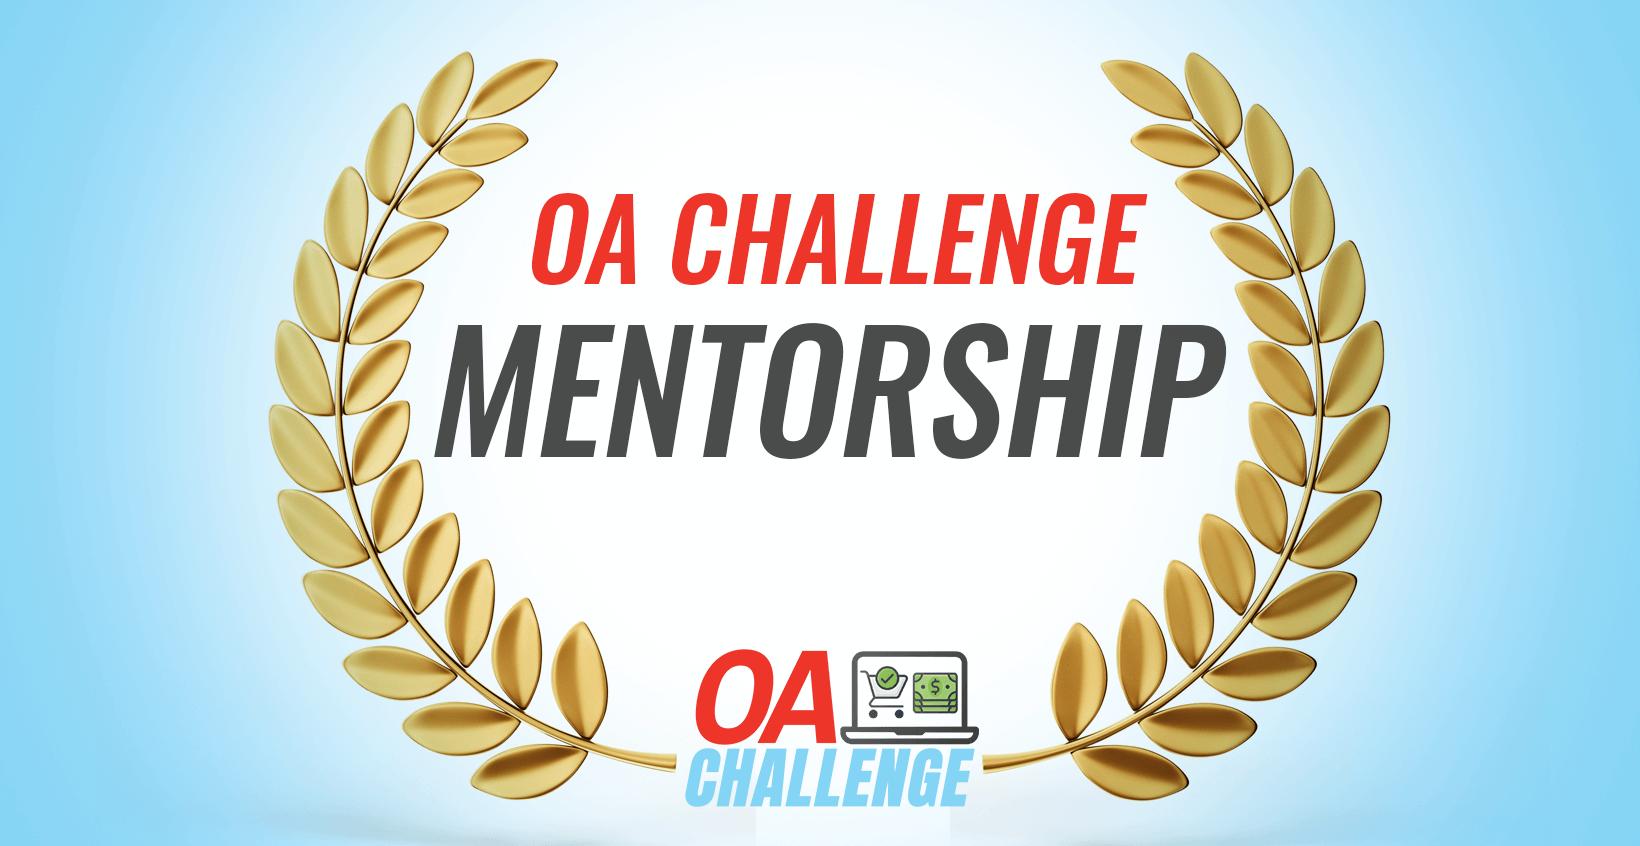 OAC Mentorship